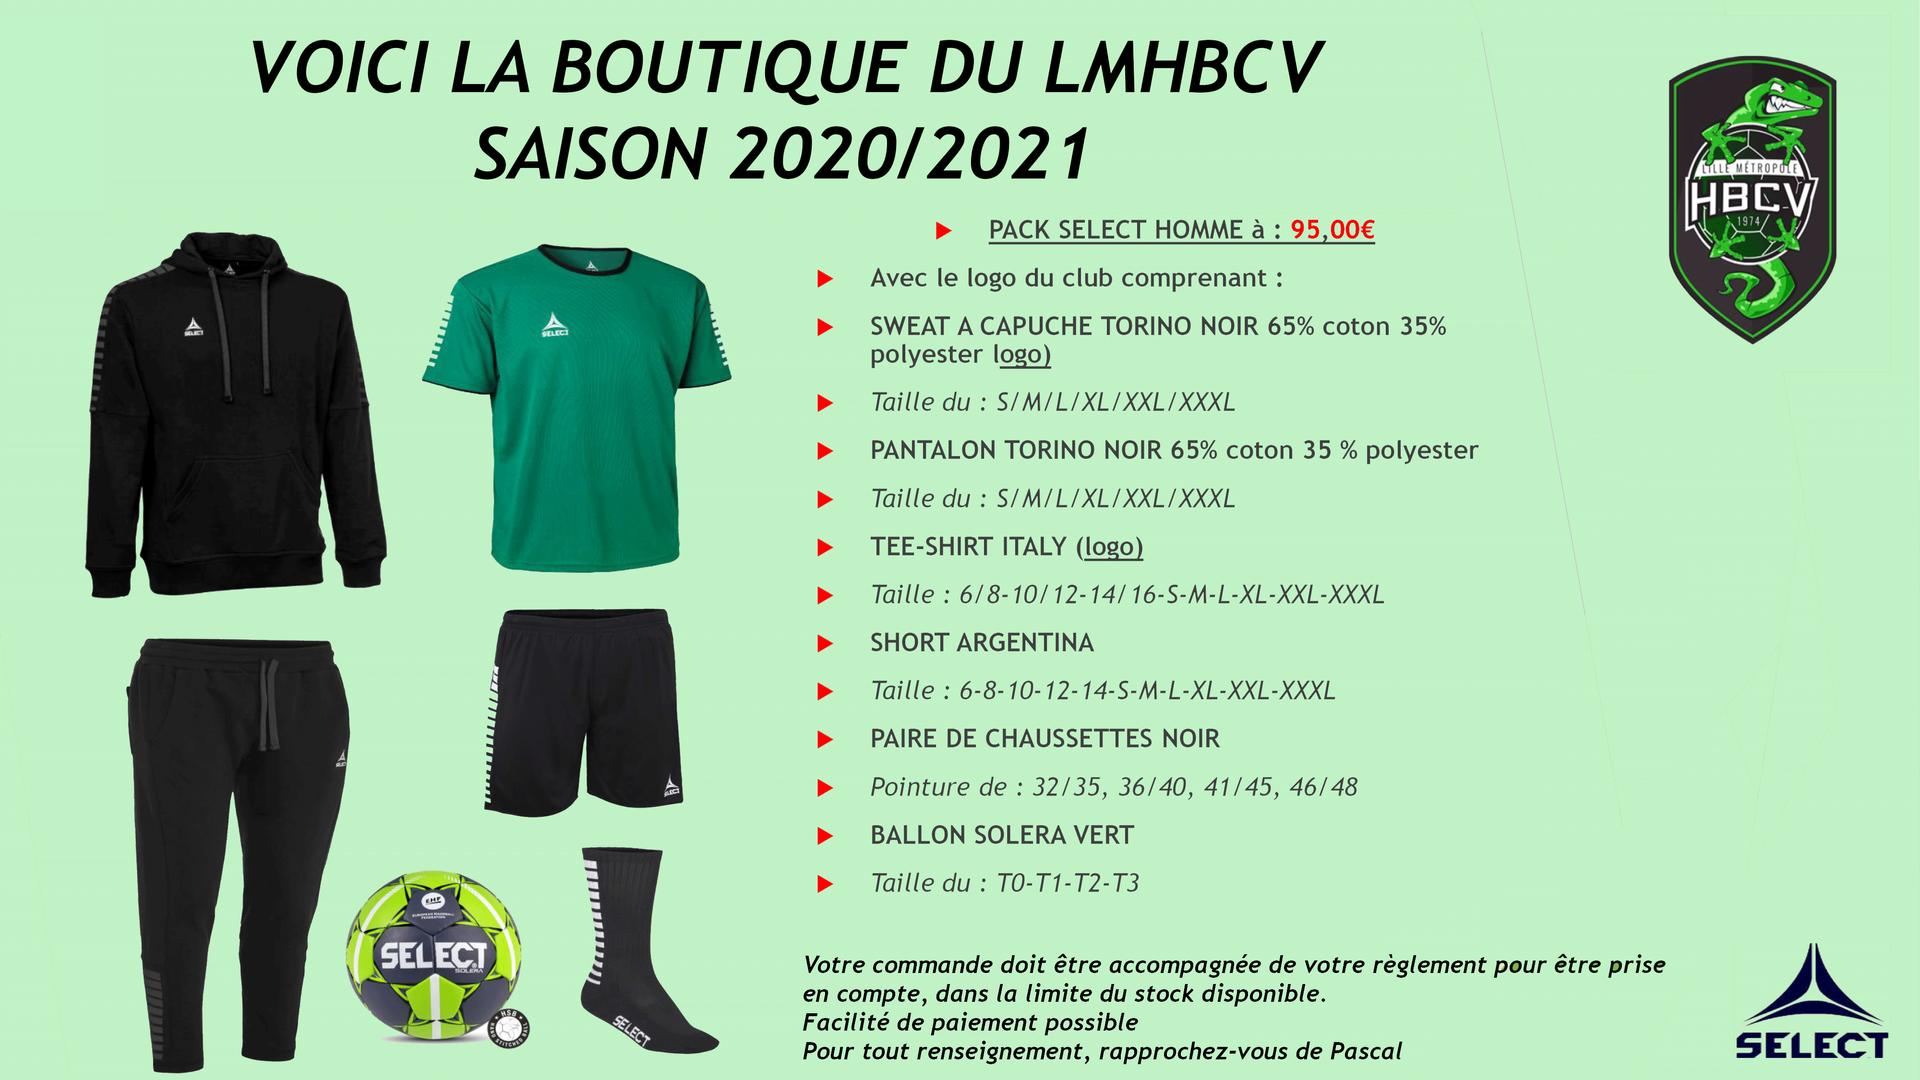 Boutique-LMHBCV-P4.png